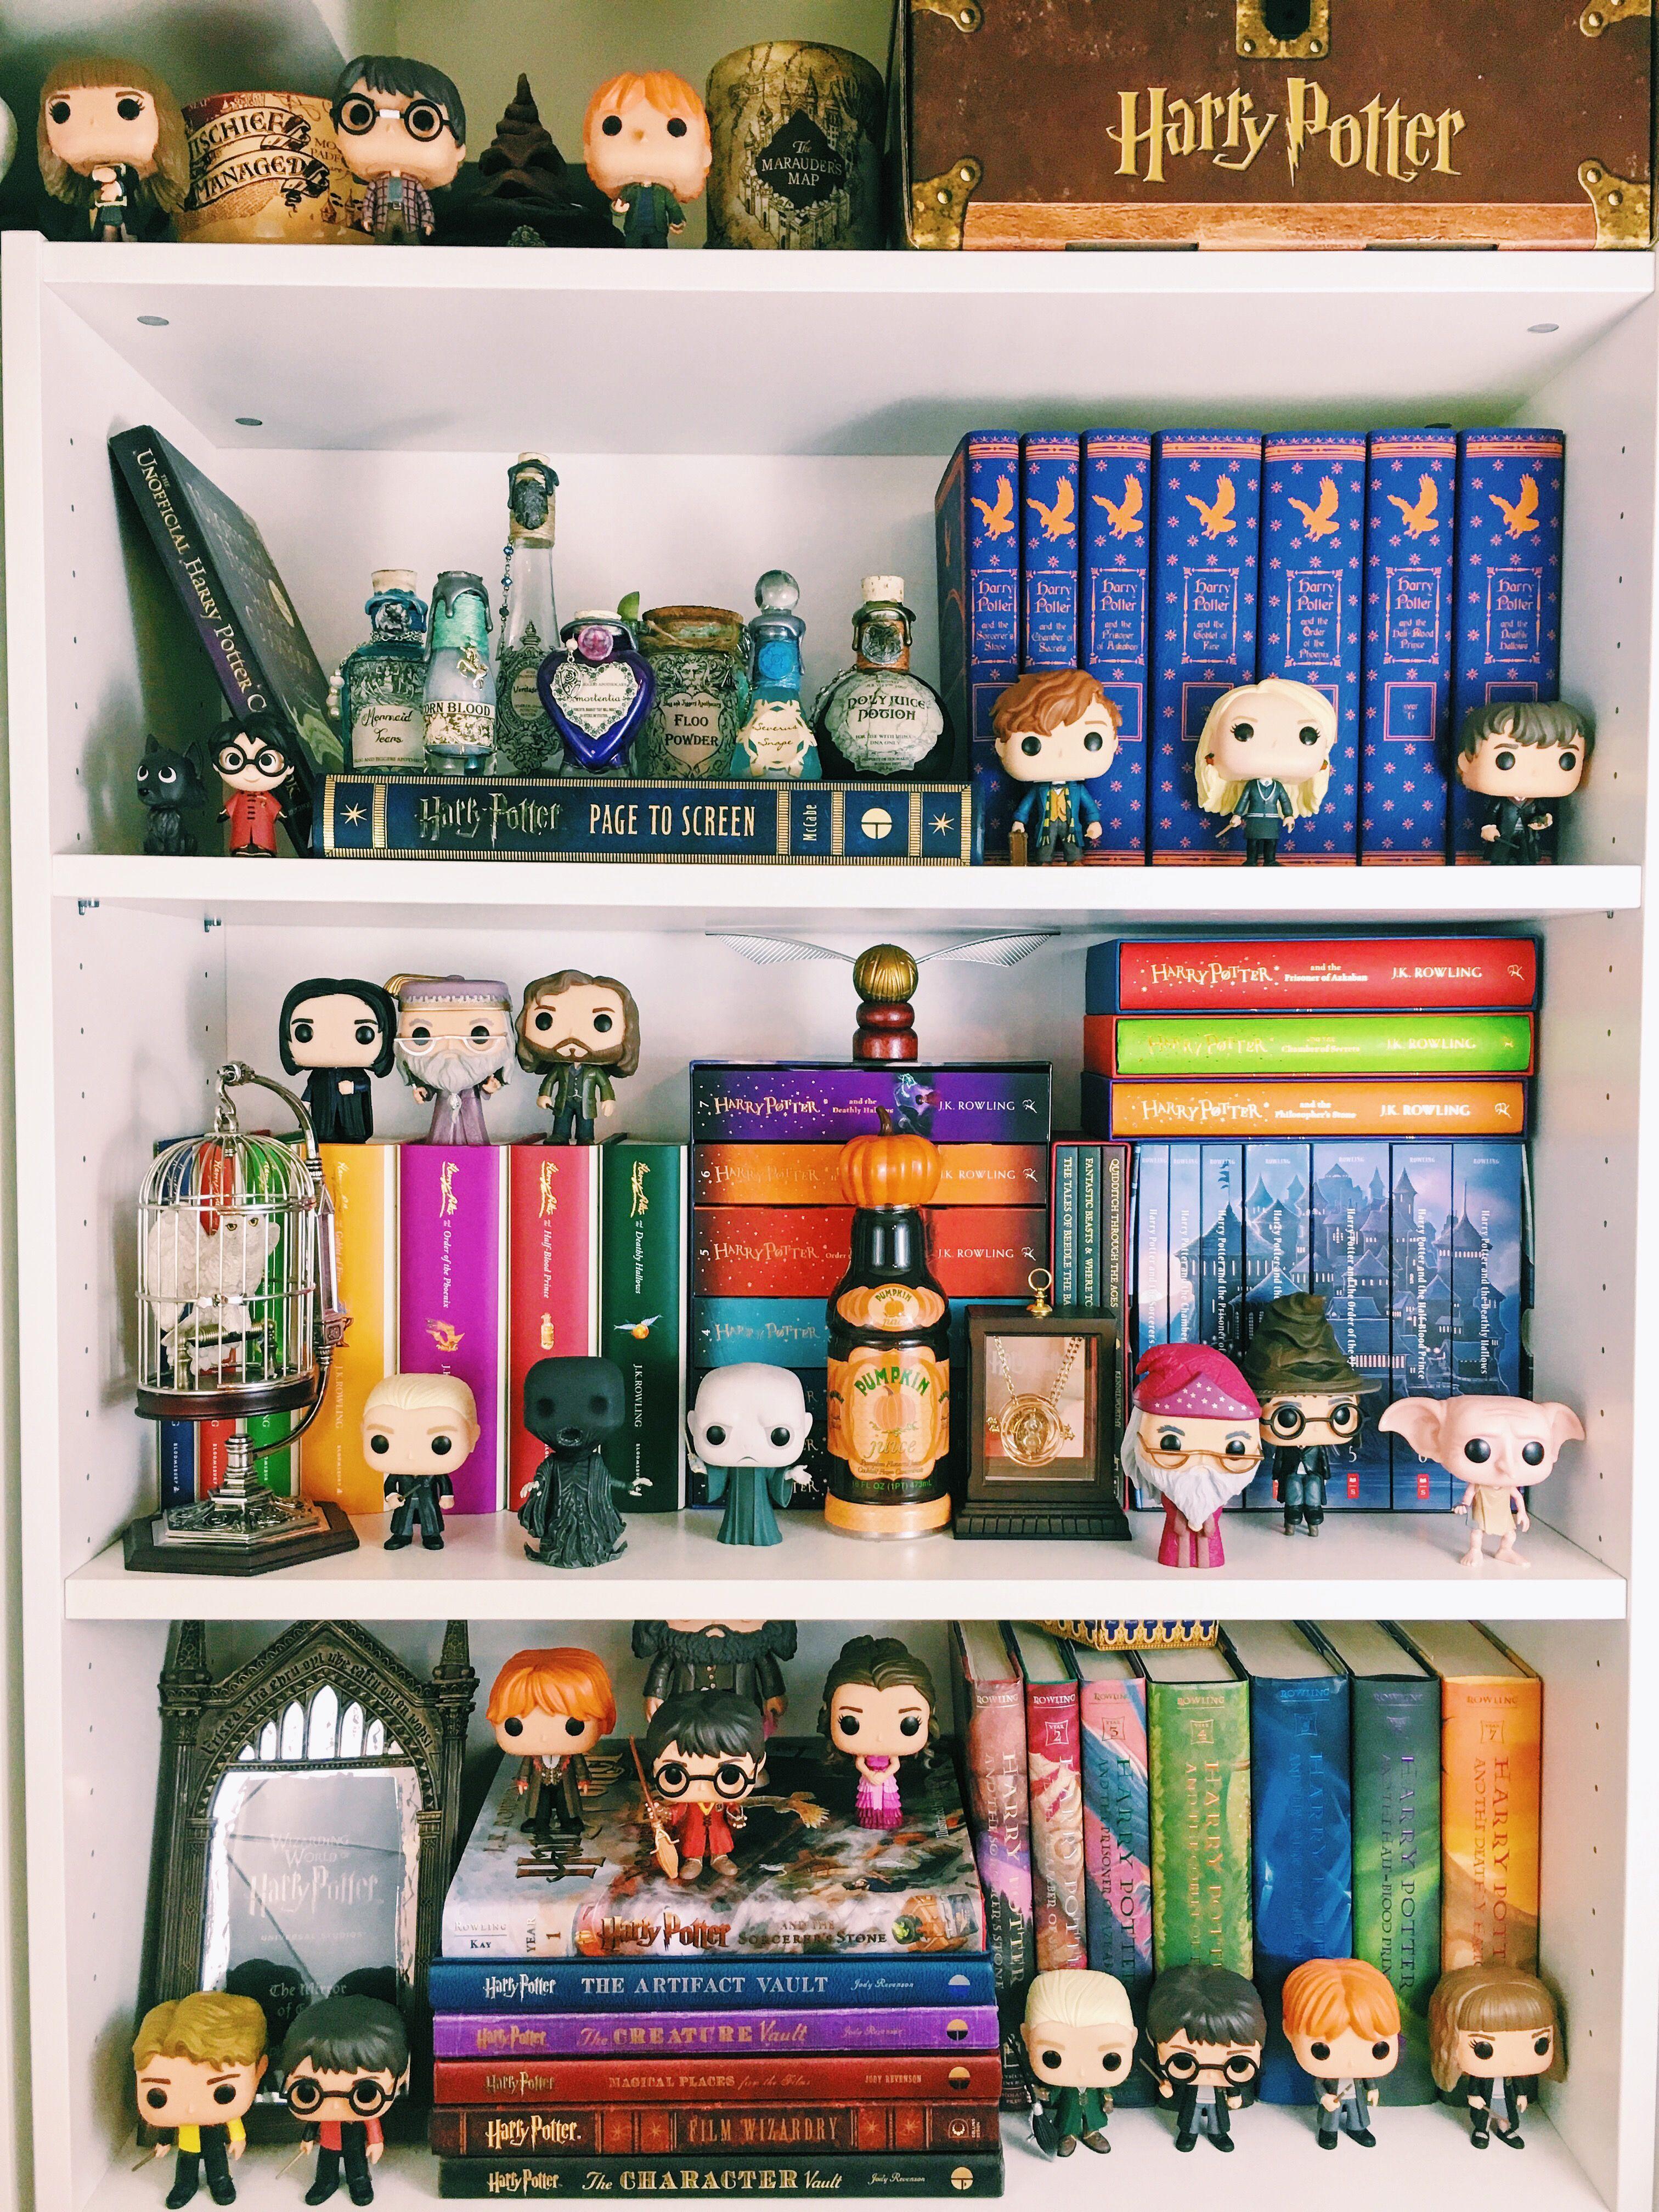 Harry Potter Shelves